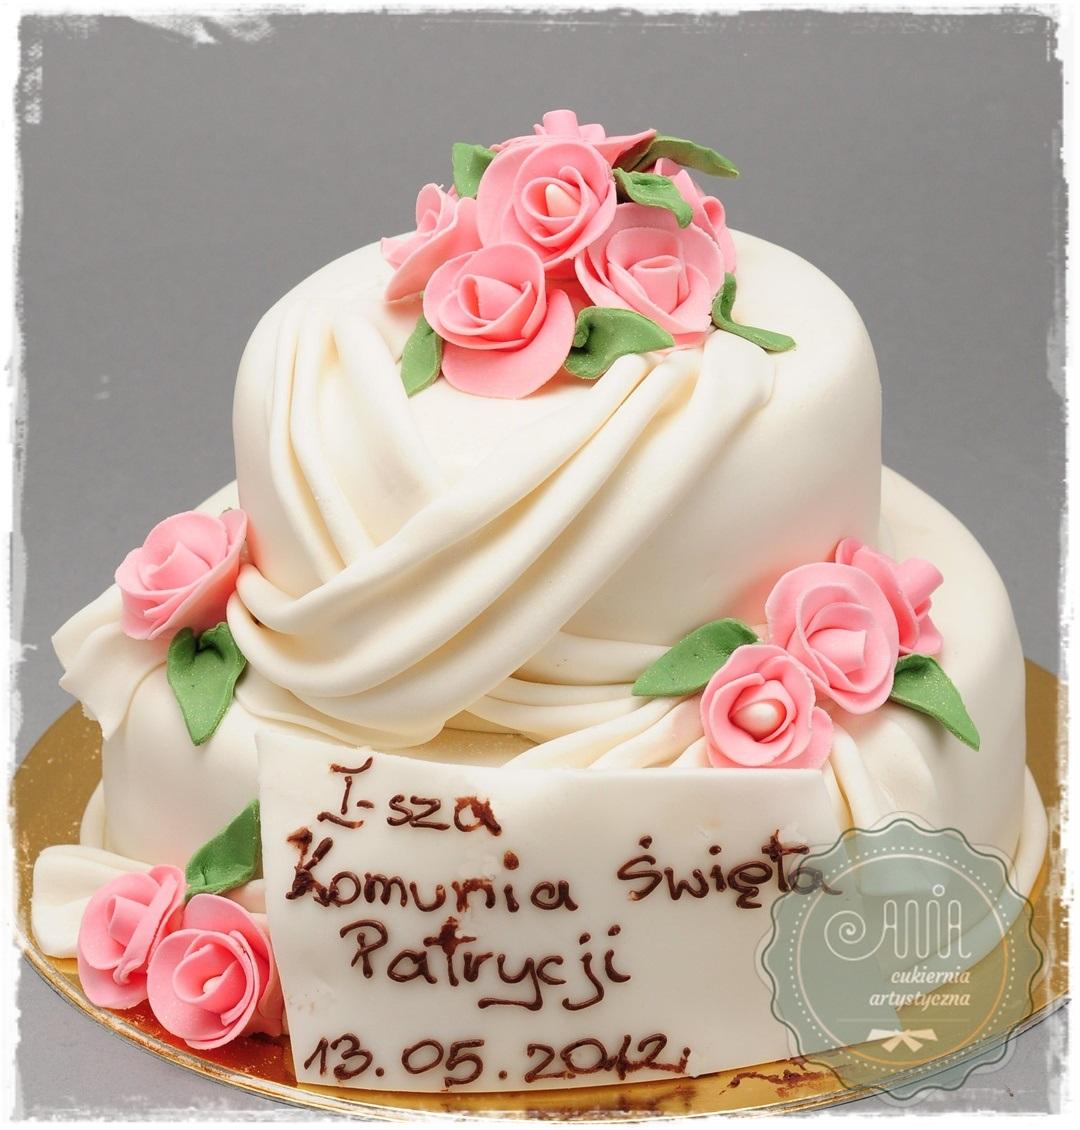 Tort  komunjny Bella różowe róże - zdjęcie 1